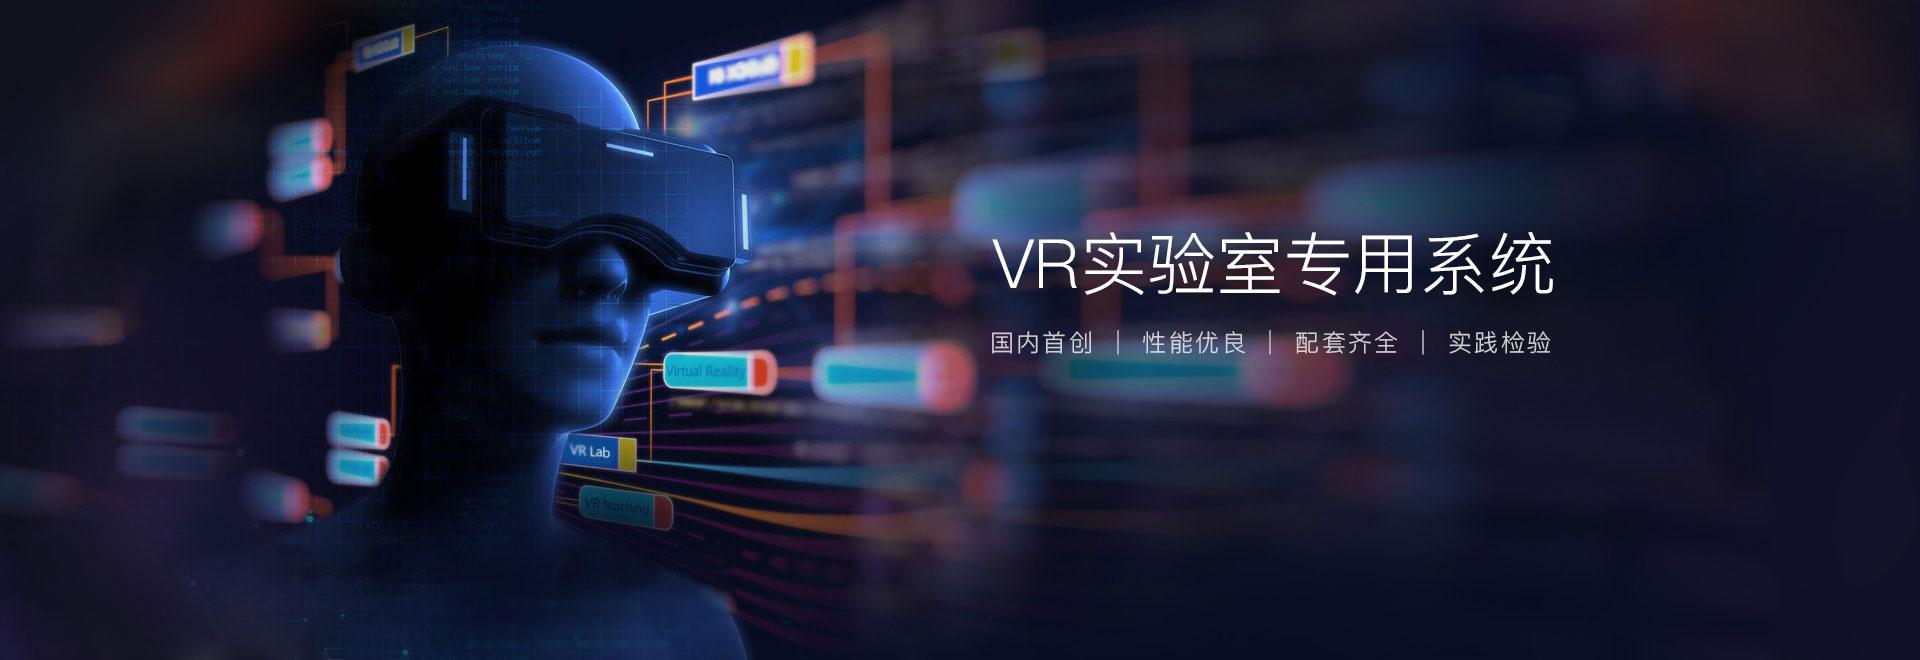 VR实验室专用系统